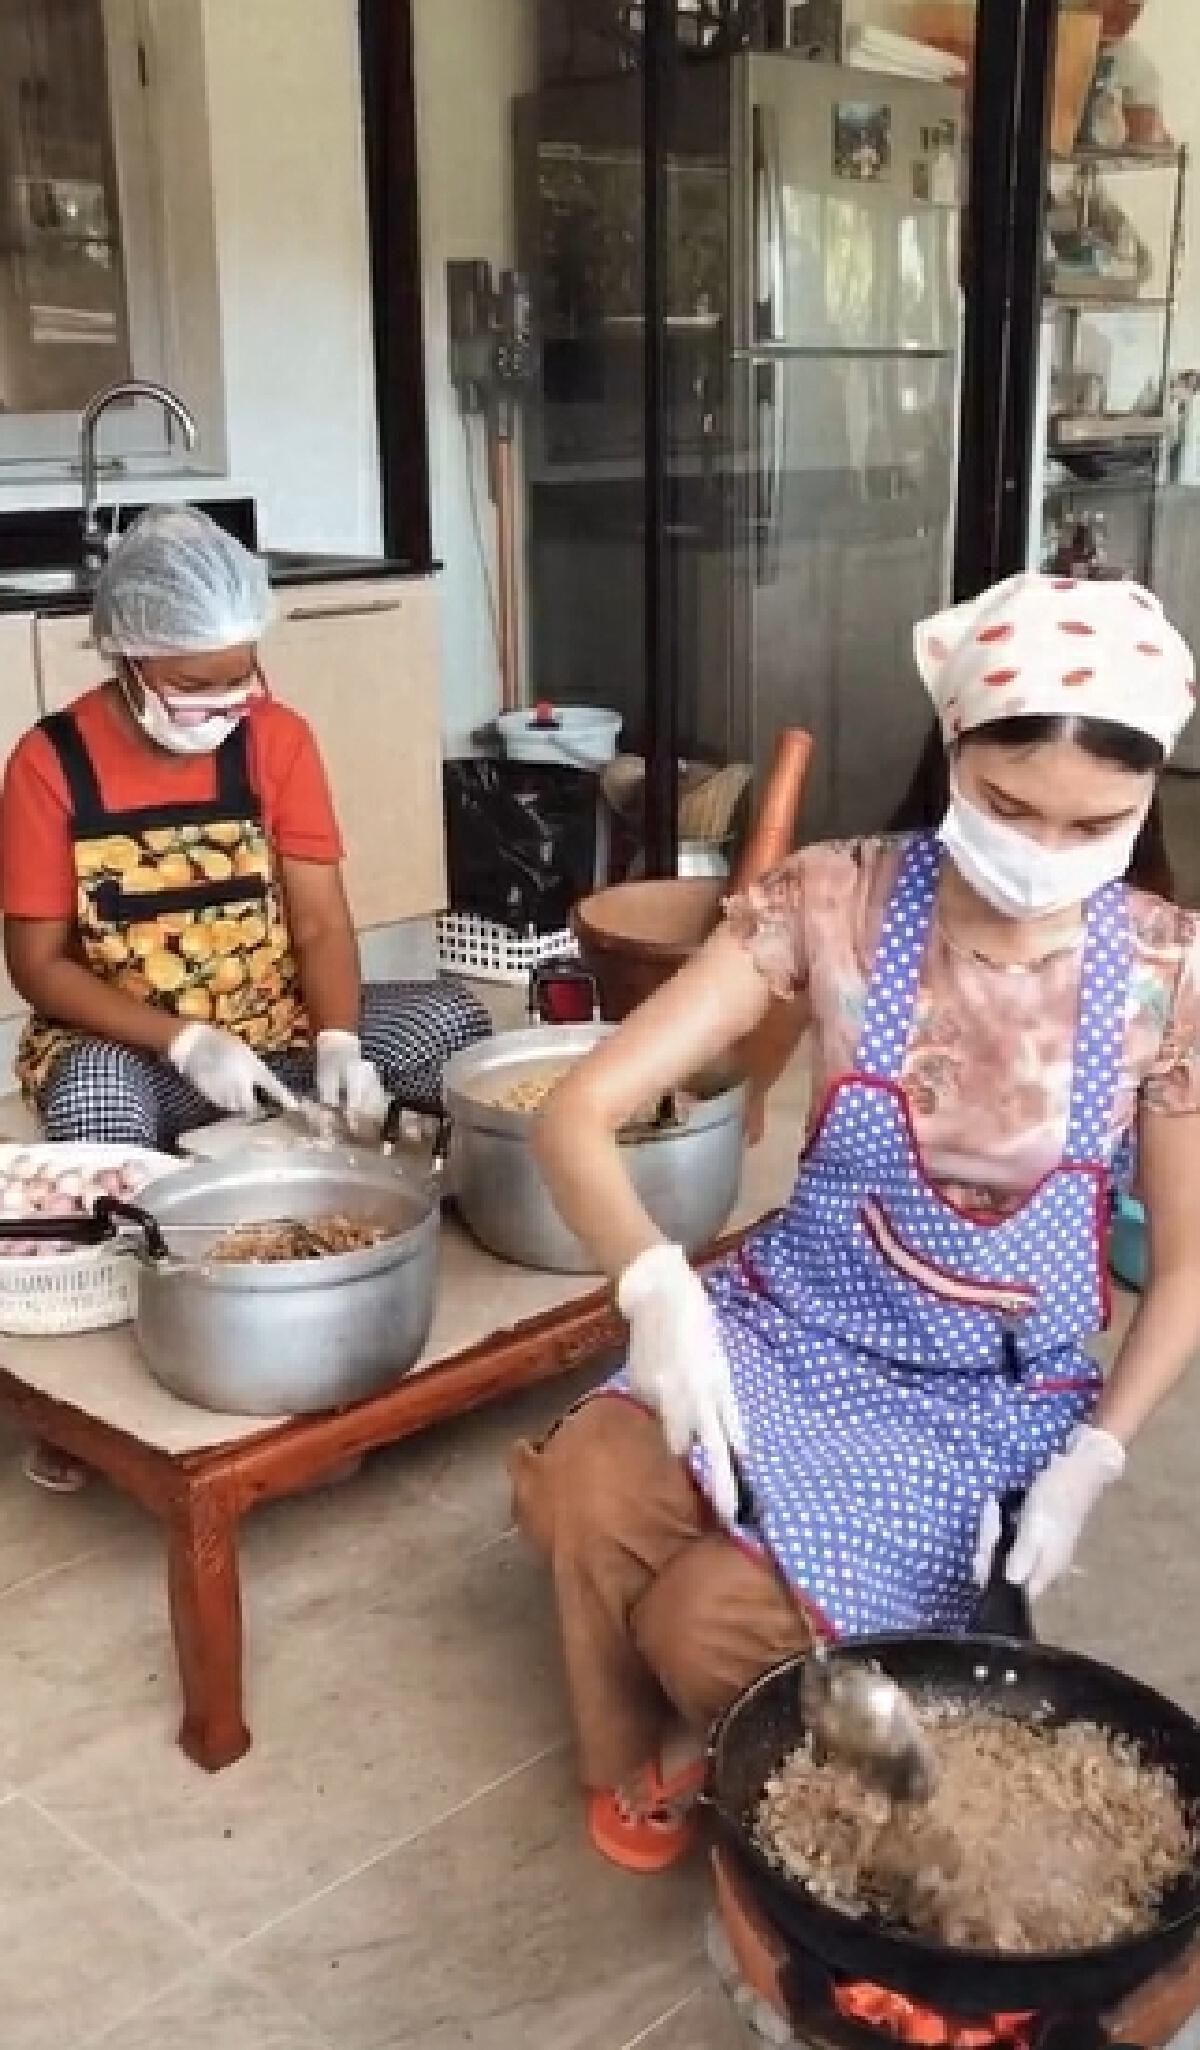 ซาร่า คาซิงกินี ชีวิตต้องสู้! ขายน้ำพริกแจ่วบองสูตรคุณยาย เลี้ยงครอบครัว